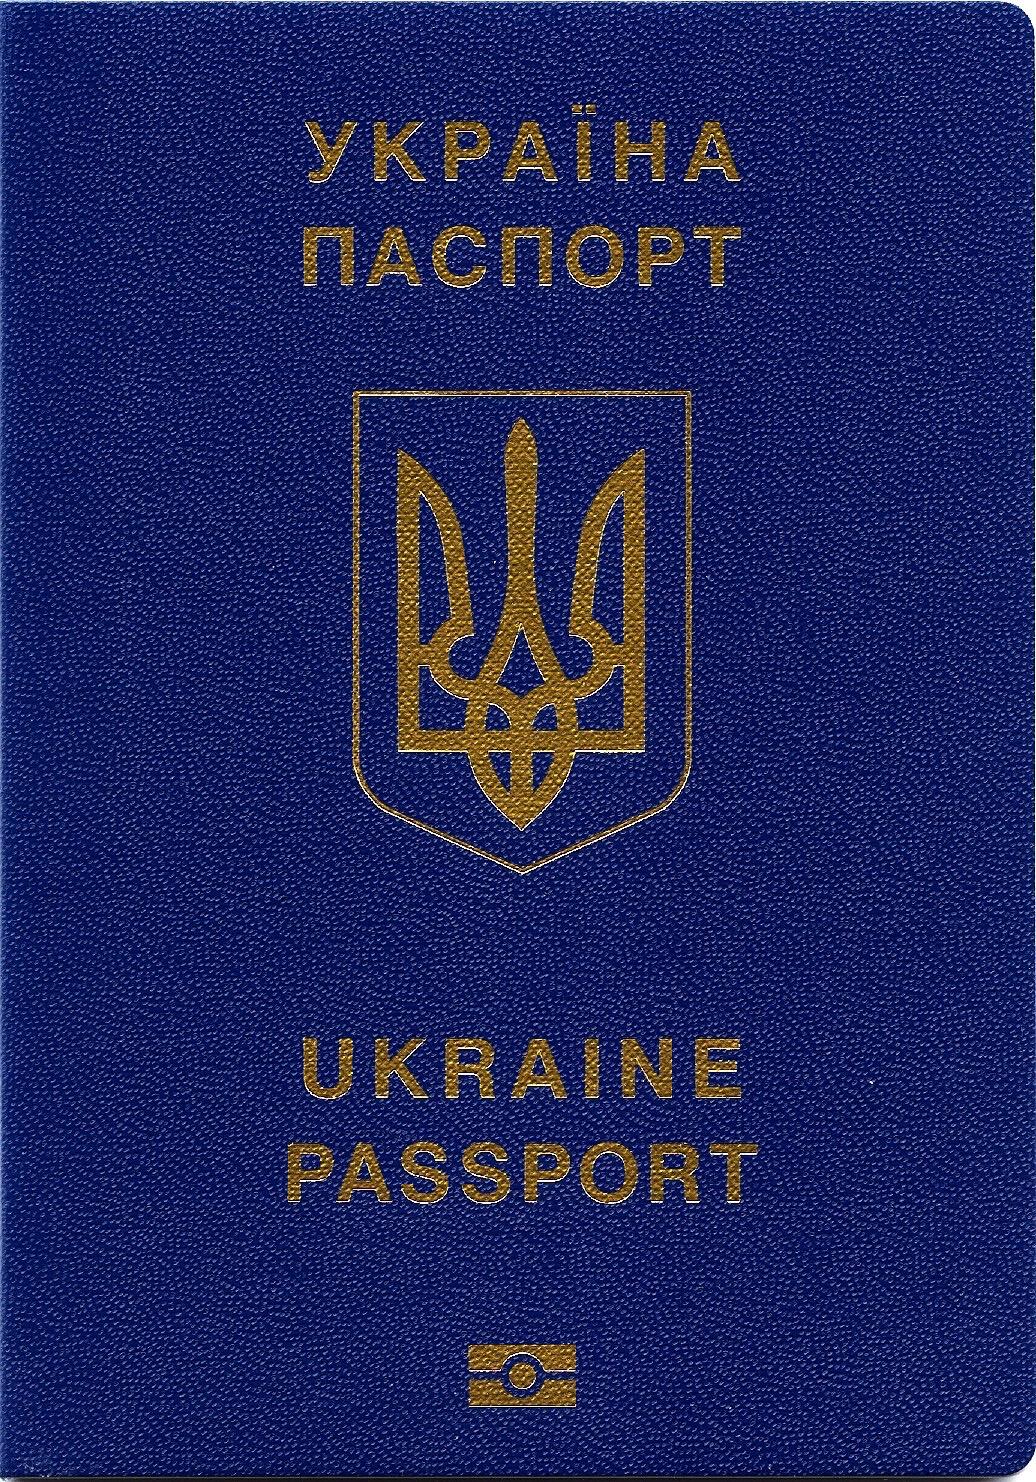 ID-карты, как и паспорта, будут выдавать с 16 лет - Цензор.НЕТ 536